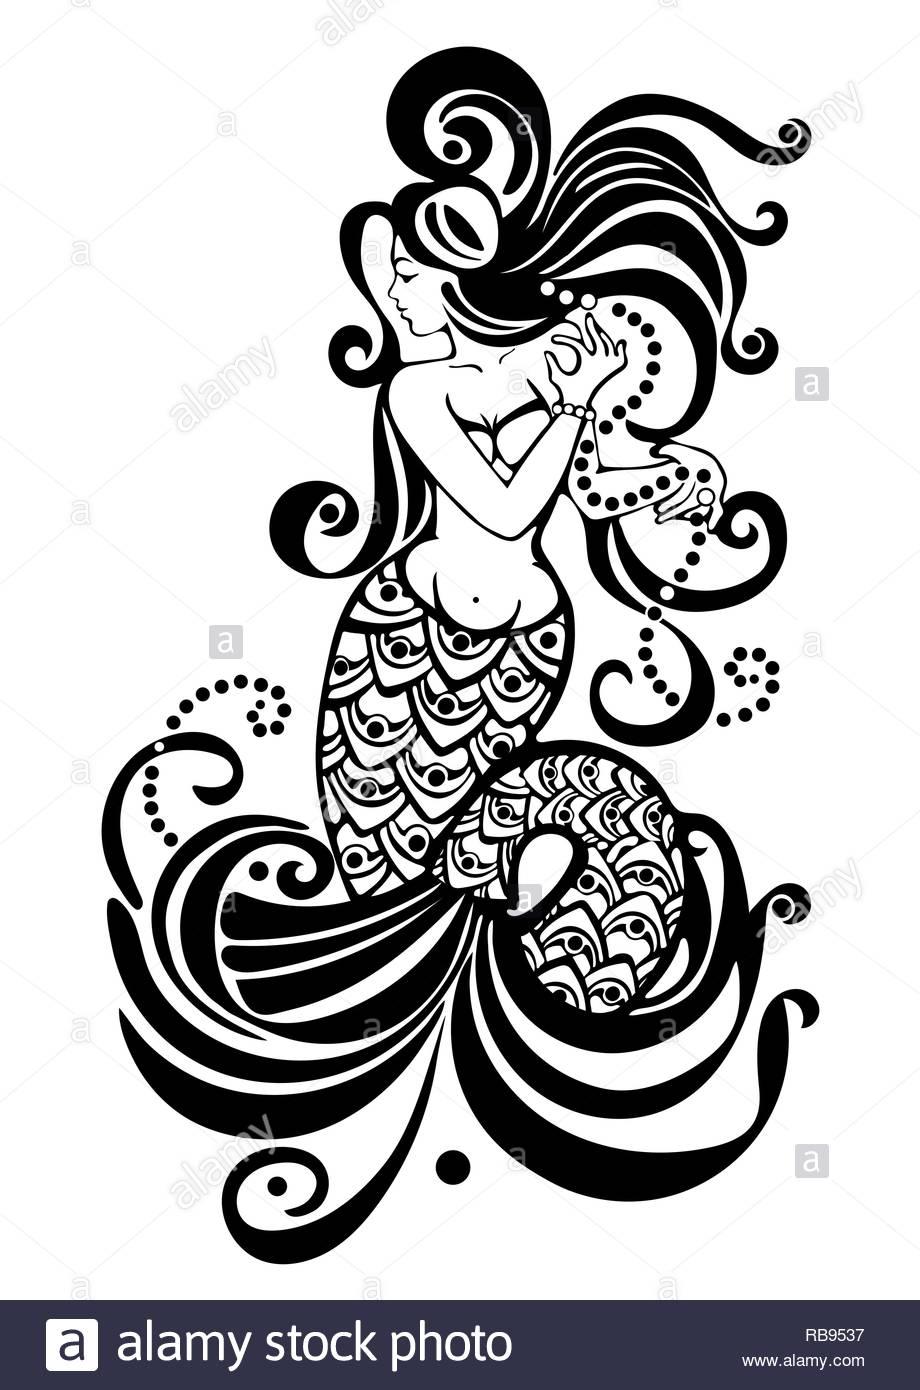 Dessin Sirene Imprimer